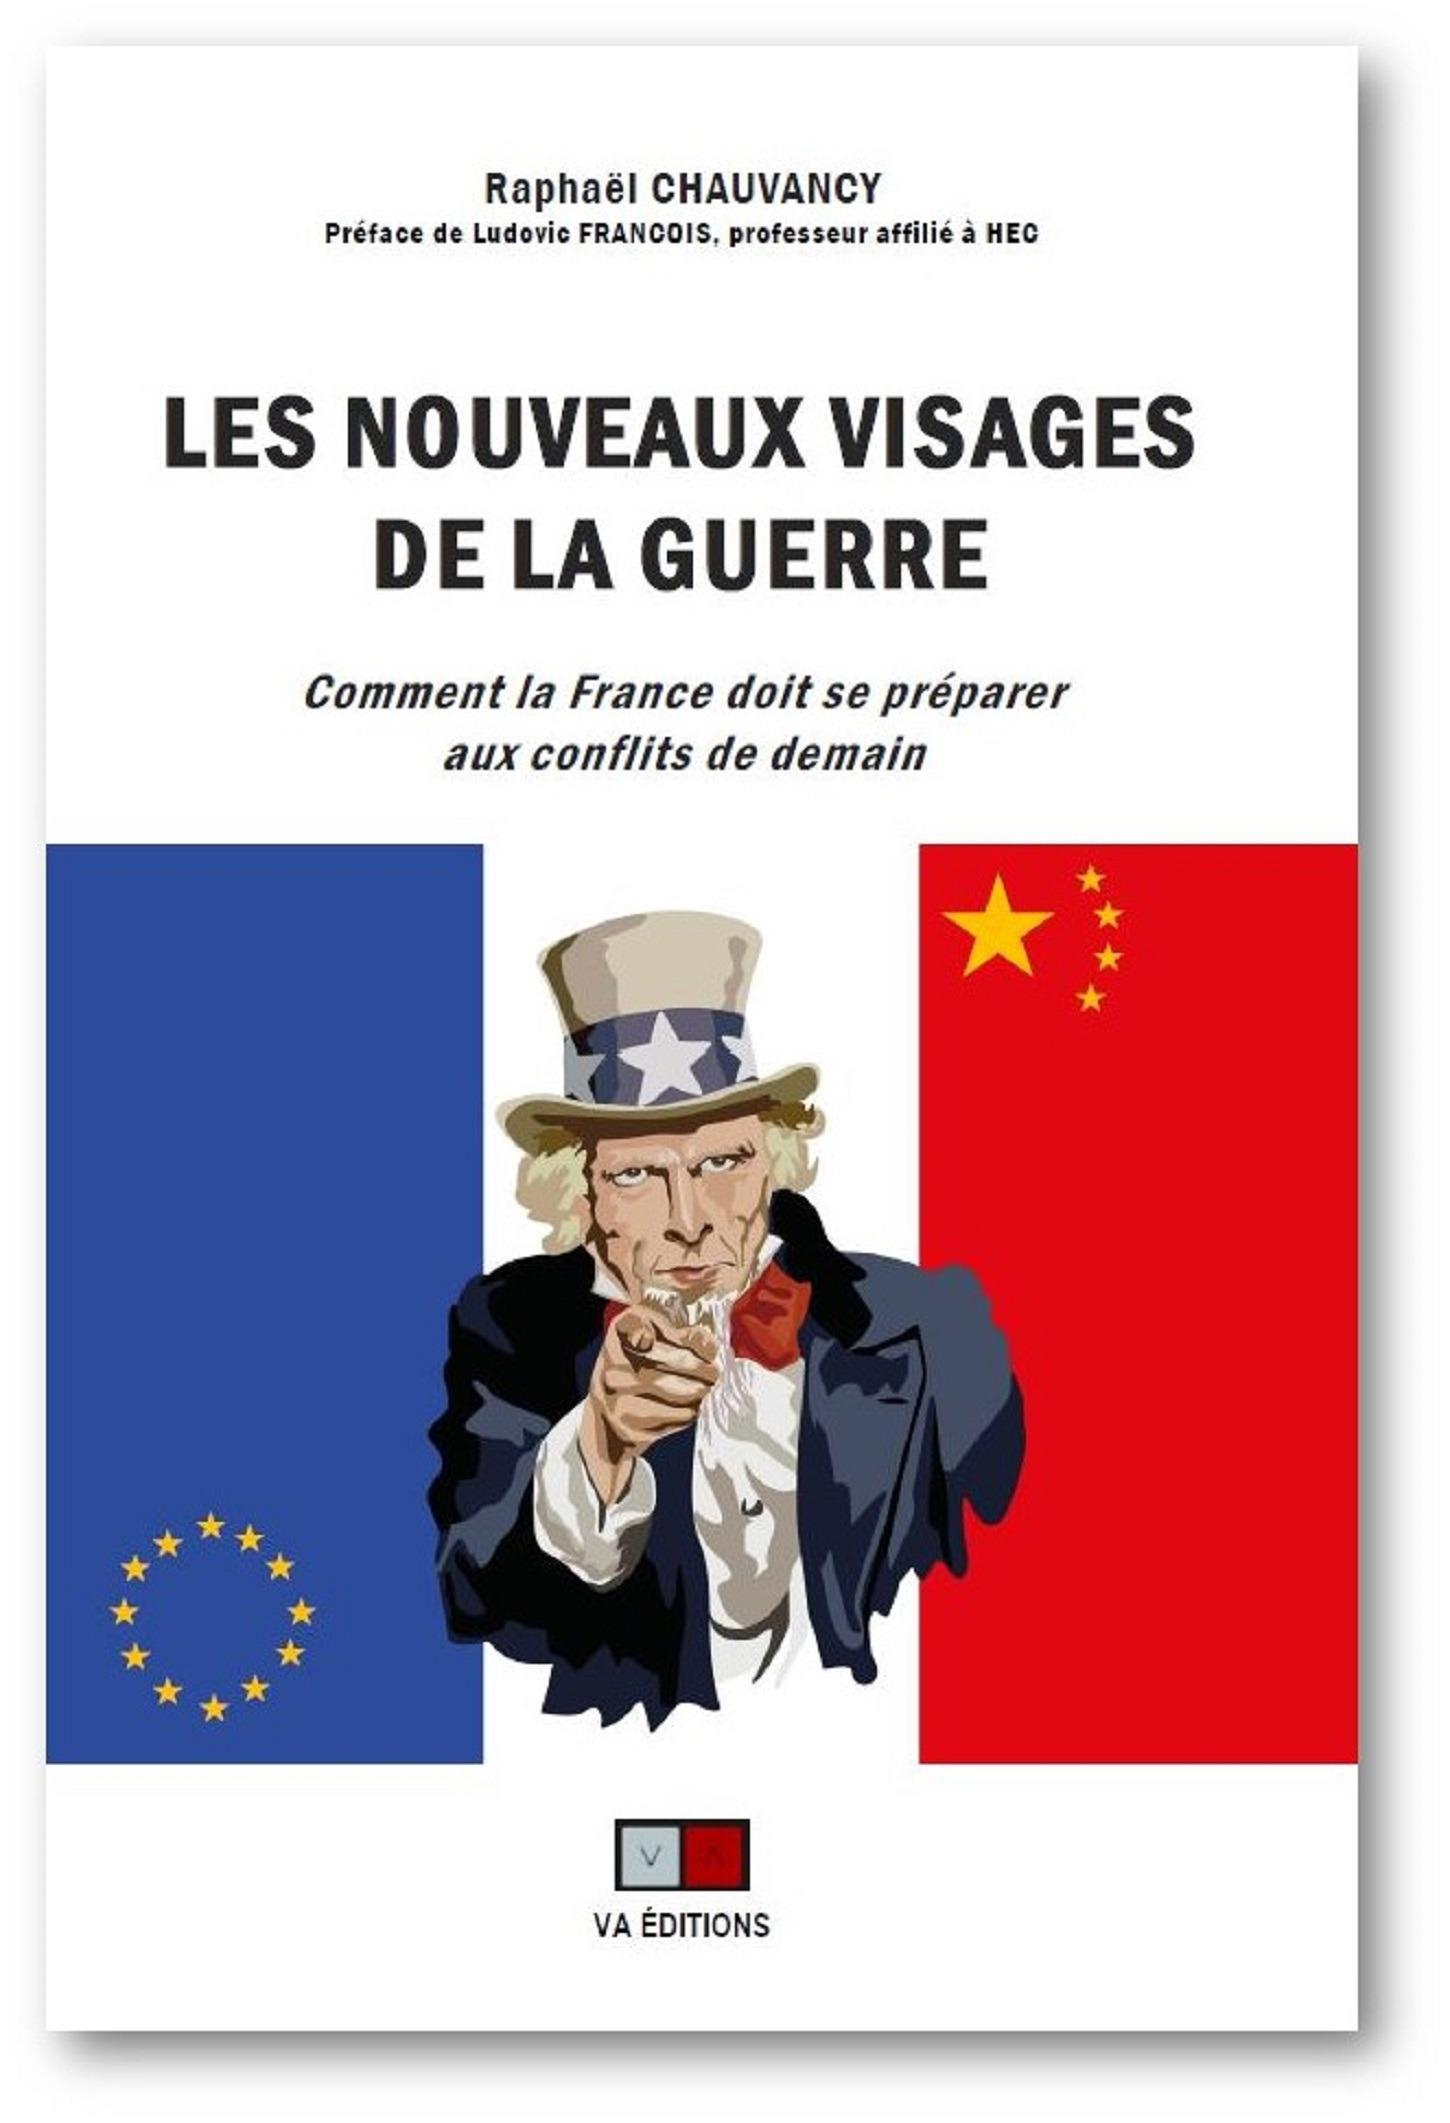 Les nouveaux visages de la guerre ; comment la France doit se préparer aux conflits de demain